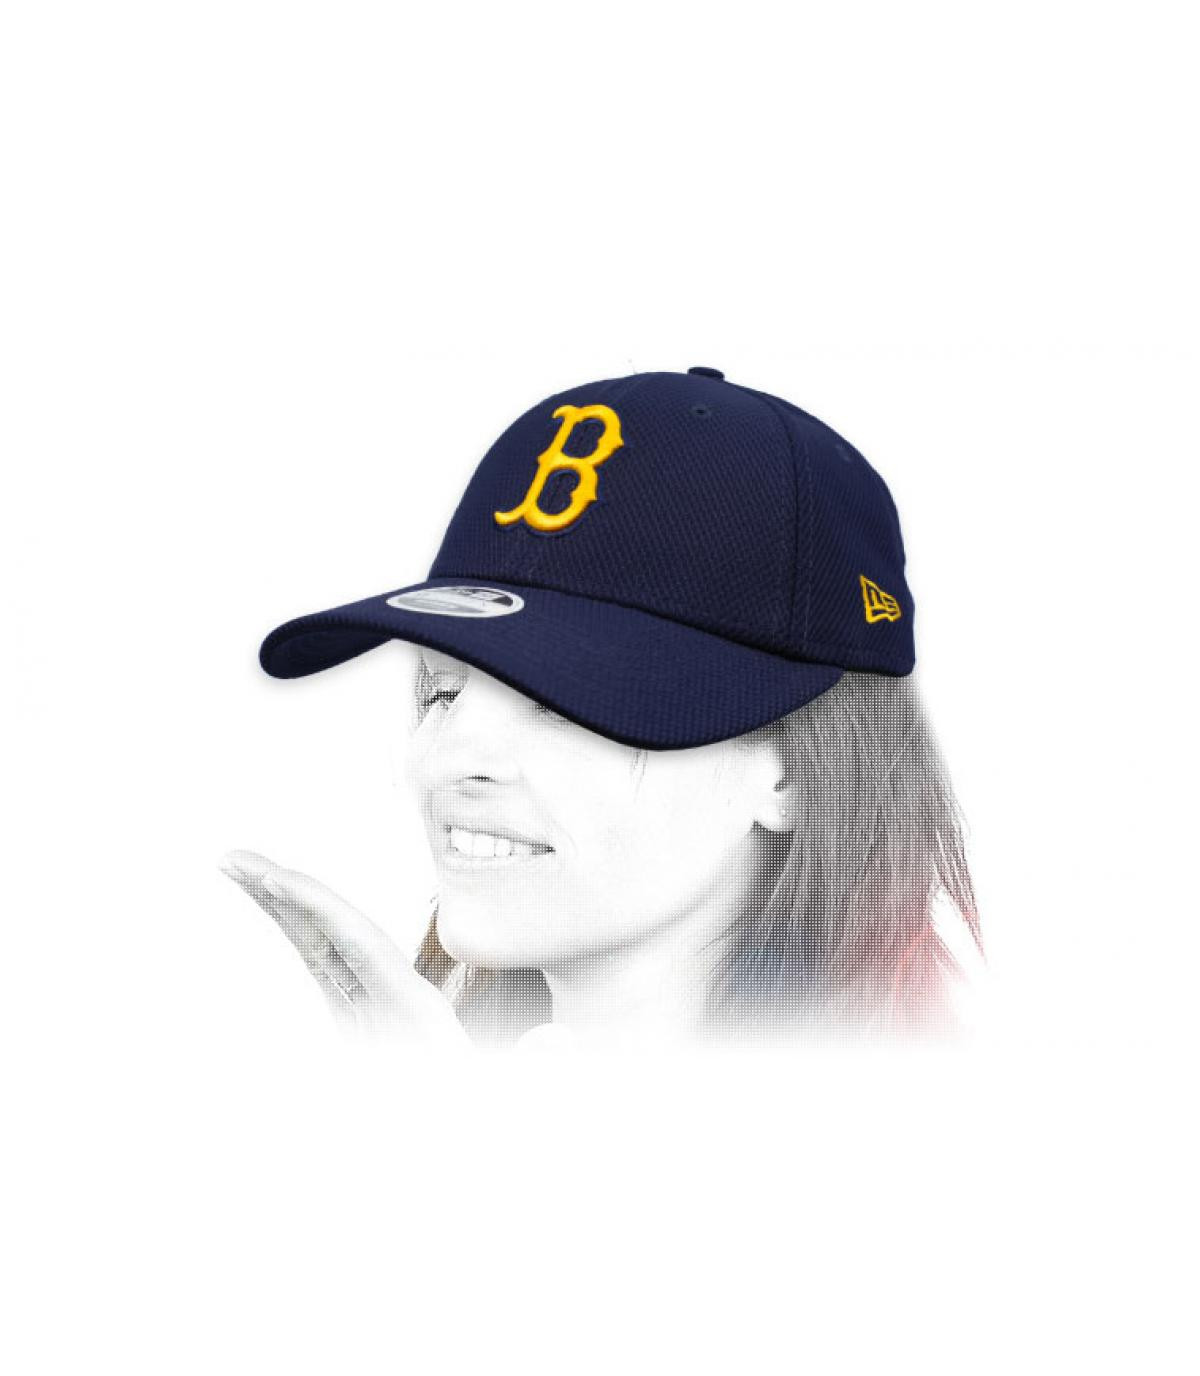 casquette B femme bleu jaune